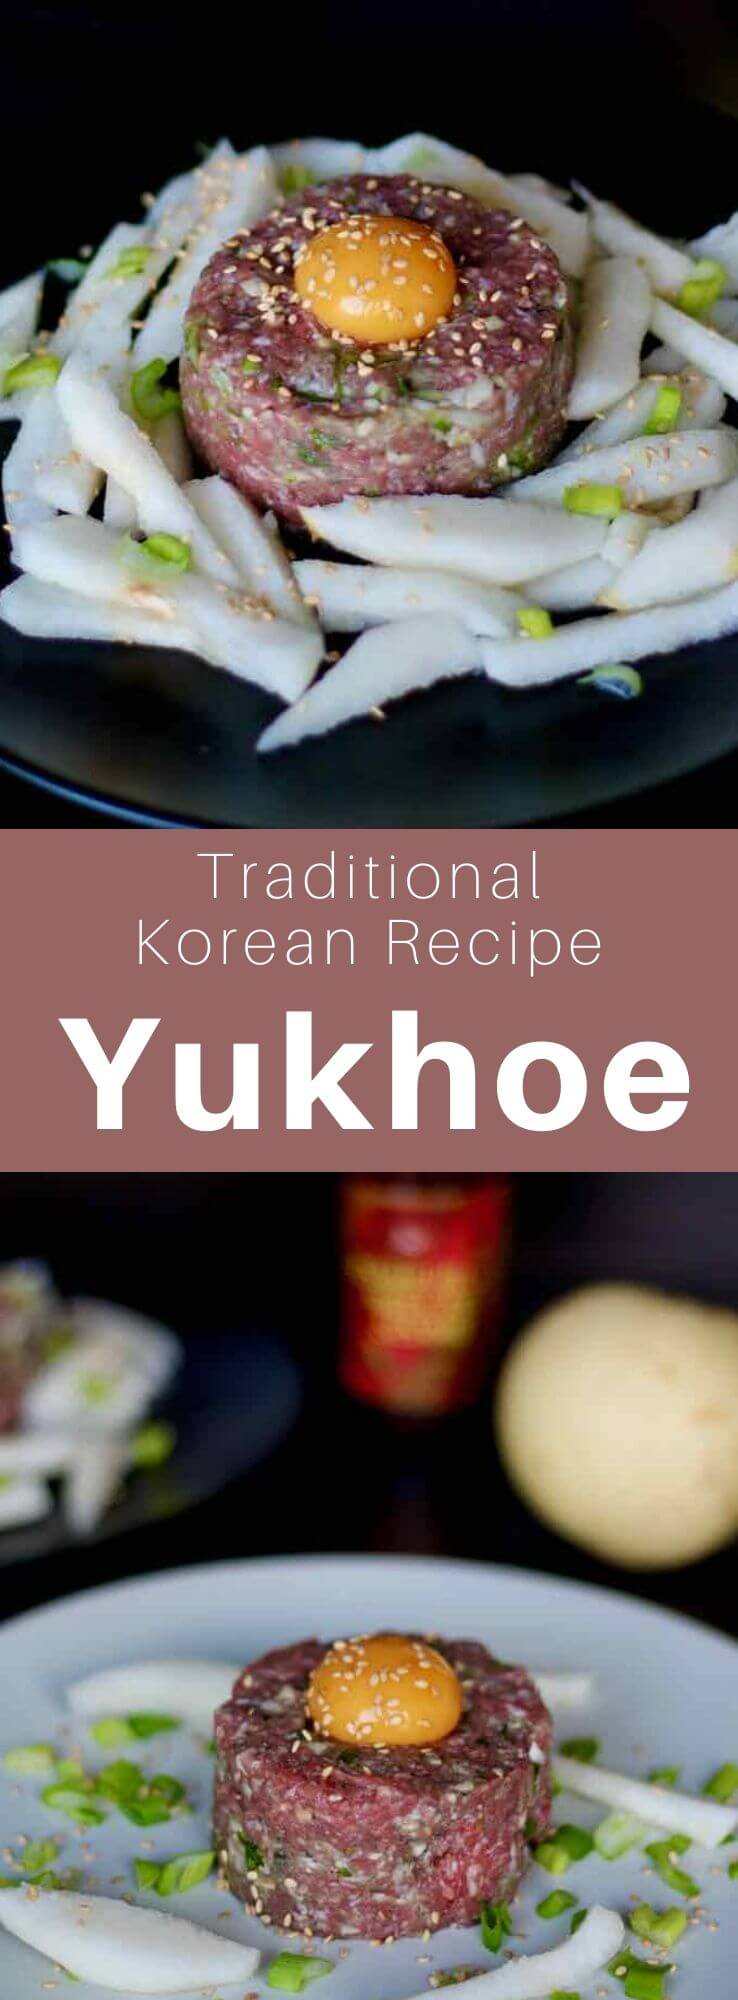 El yukhoe es uno de los hoe (platos crudos) coreanos más populares. Se prepara con carne cruda sazonada y se acompaña con pera asiática.